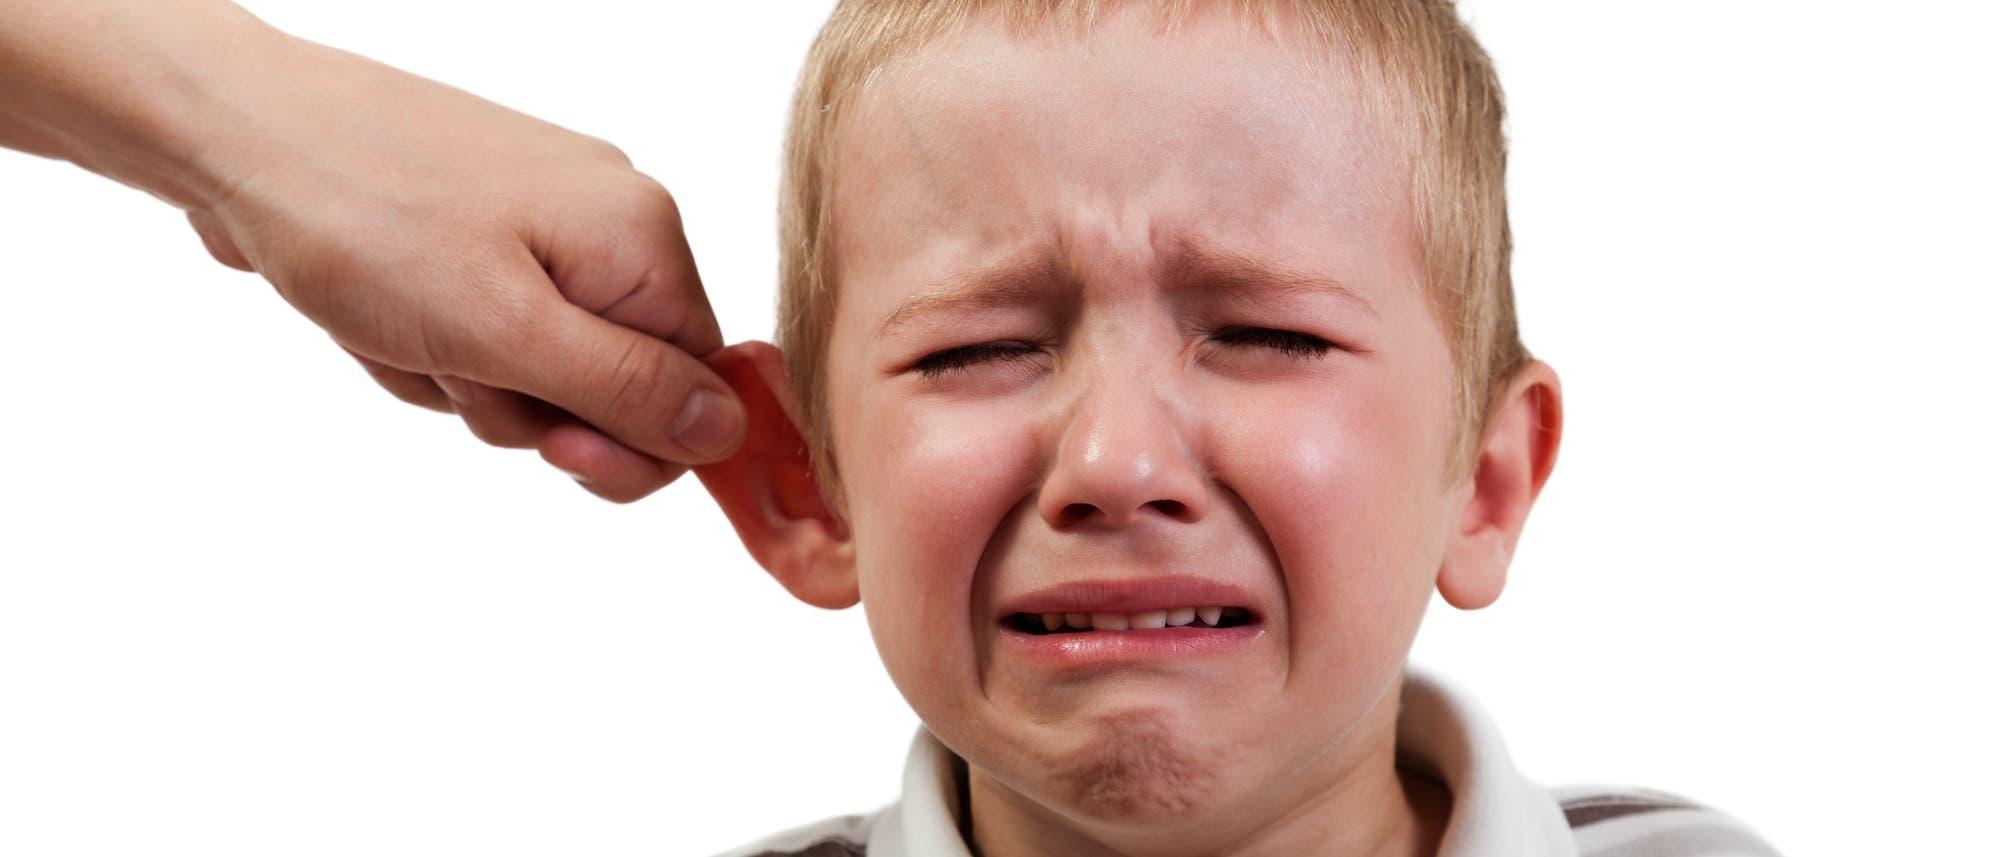 Ein Kind wird misshandelt (gestelltes Bild)